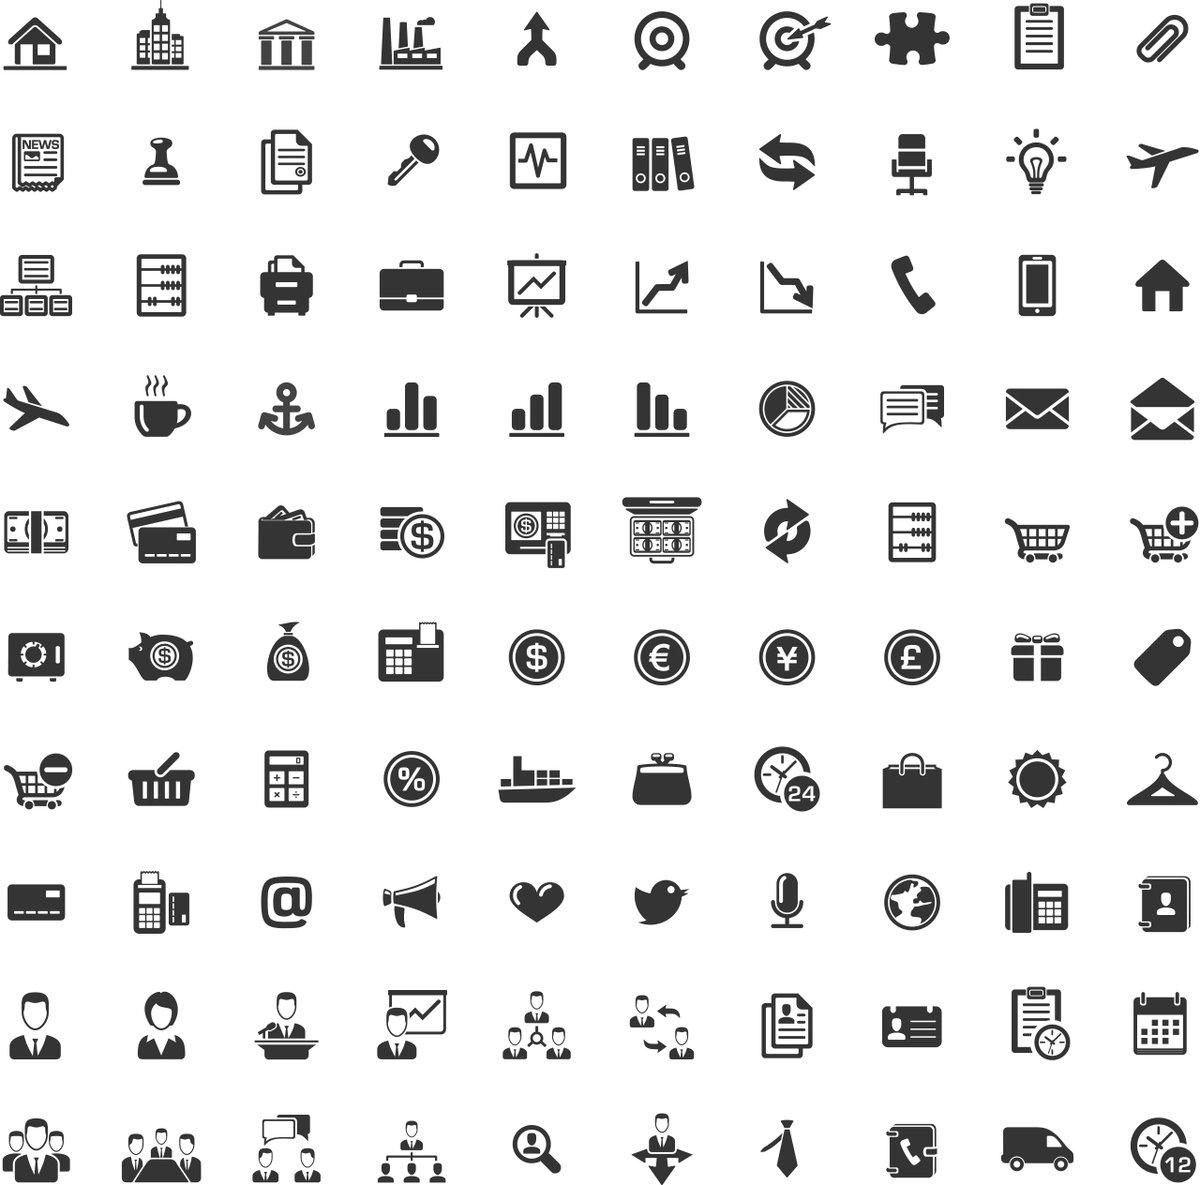 любимую наборы иконок и картинок пакетики